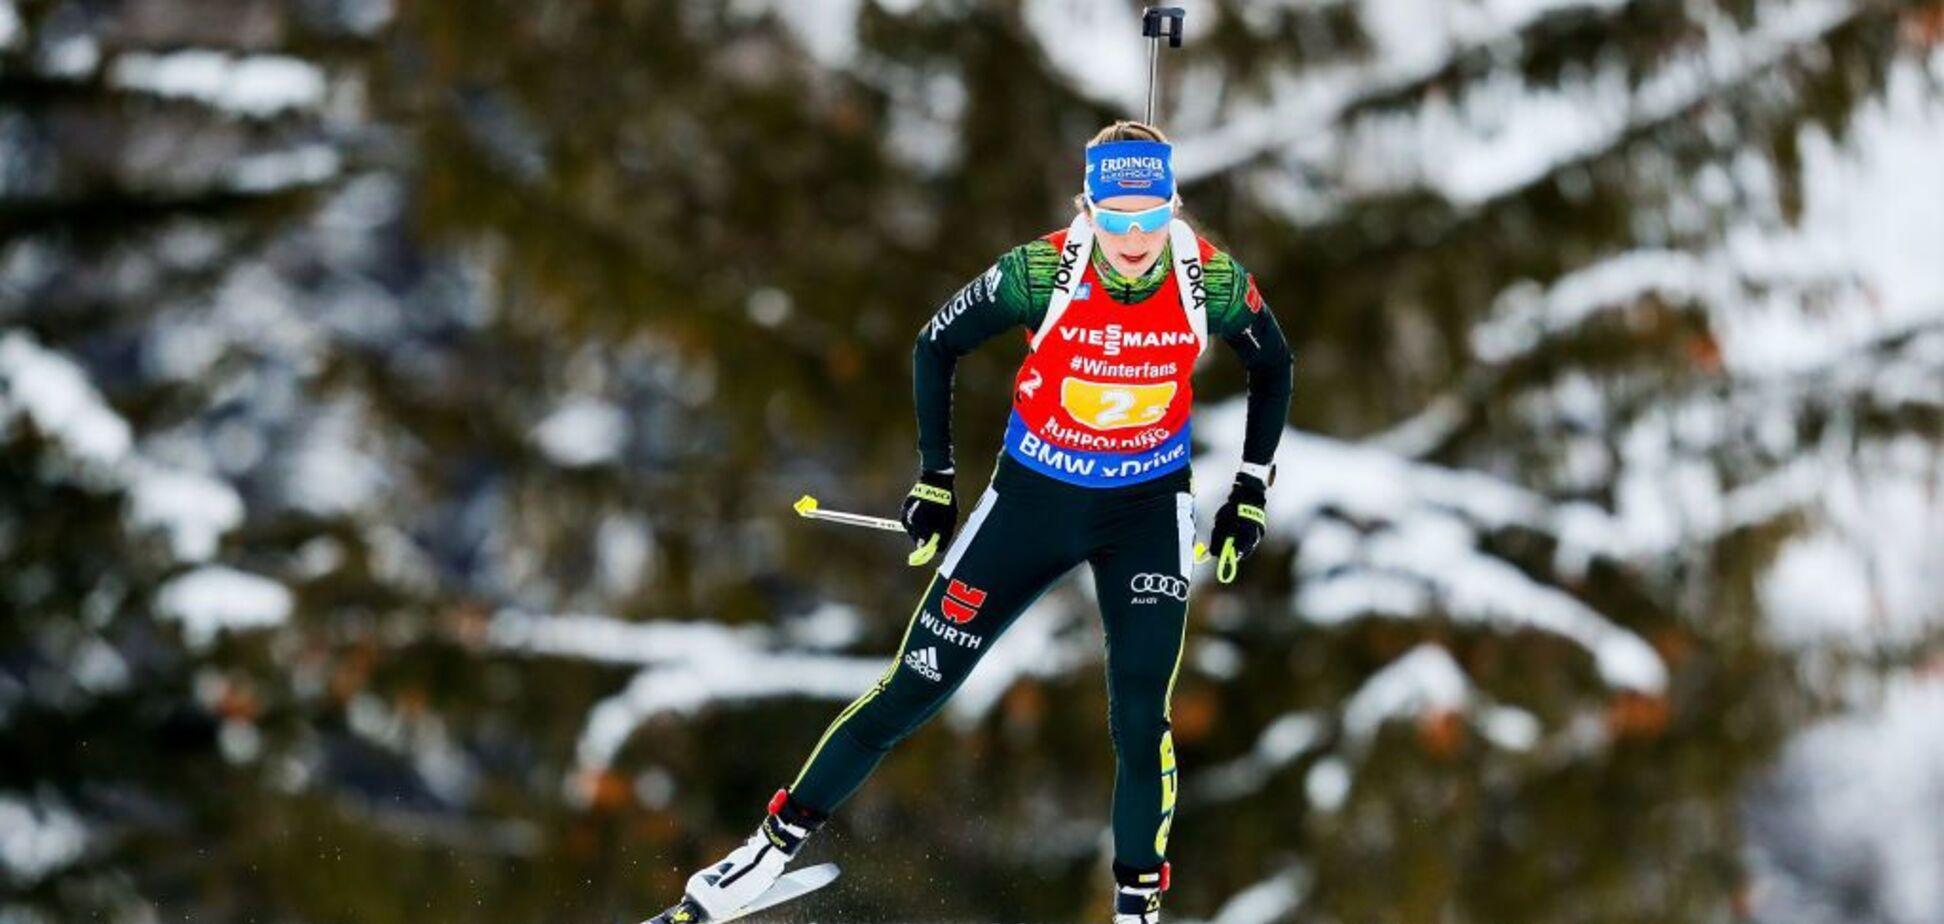 Женский масс-старт на Кубке мира по биатлону завершился громкой сенсацией